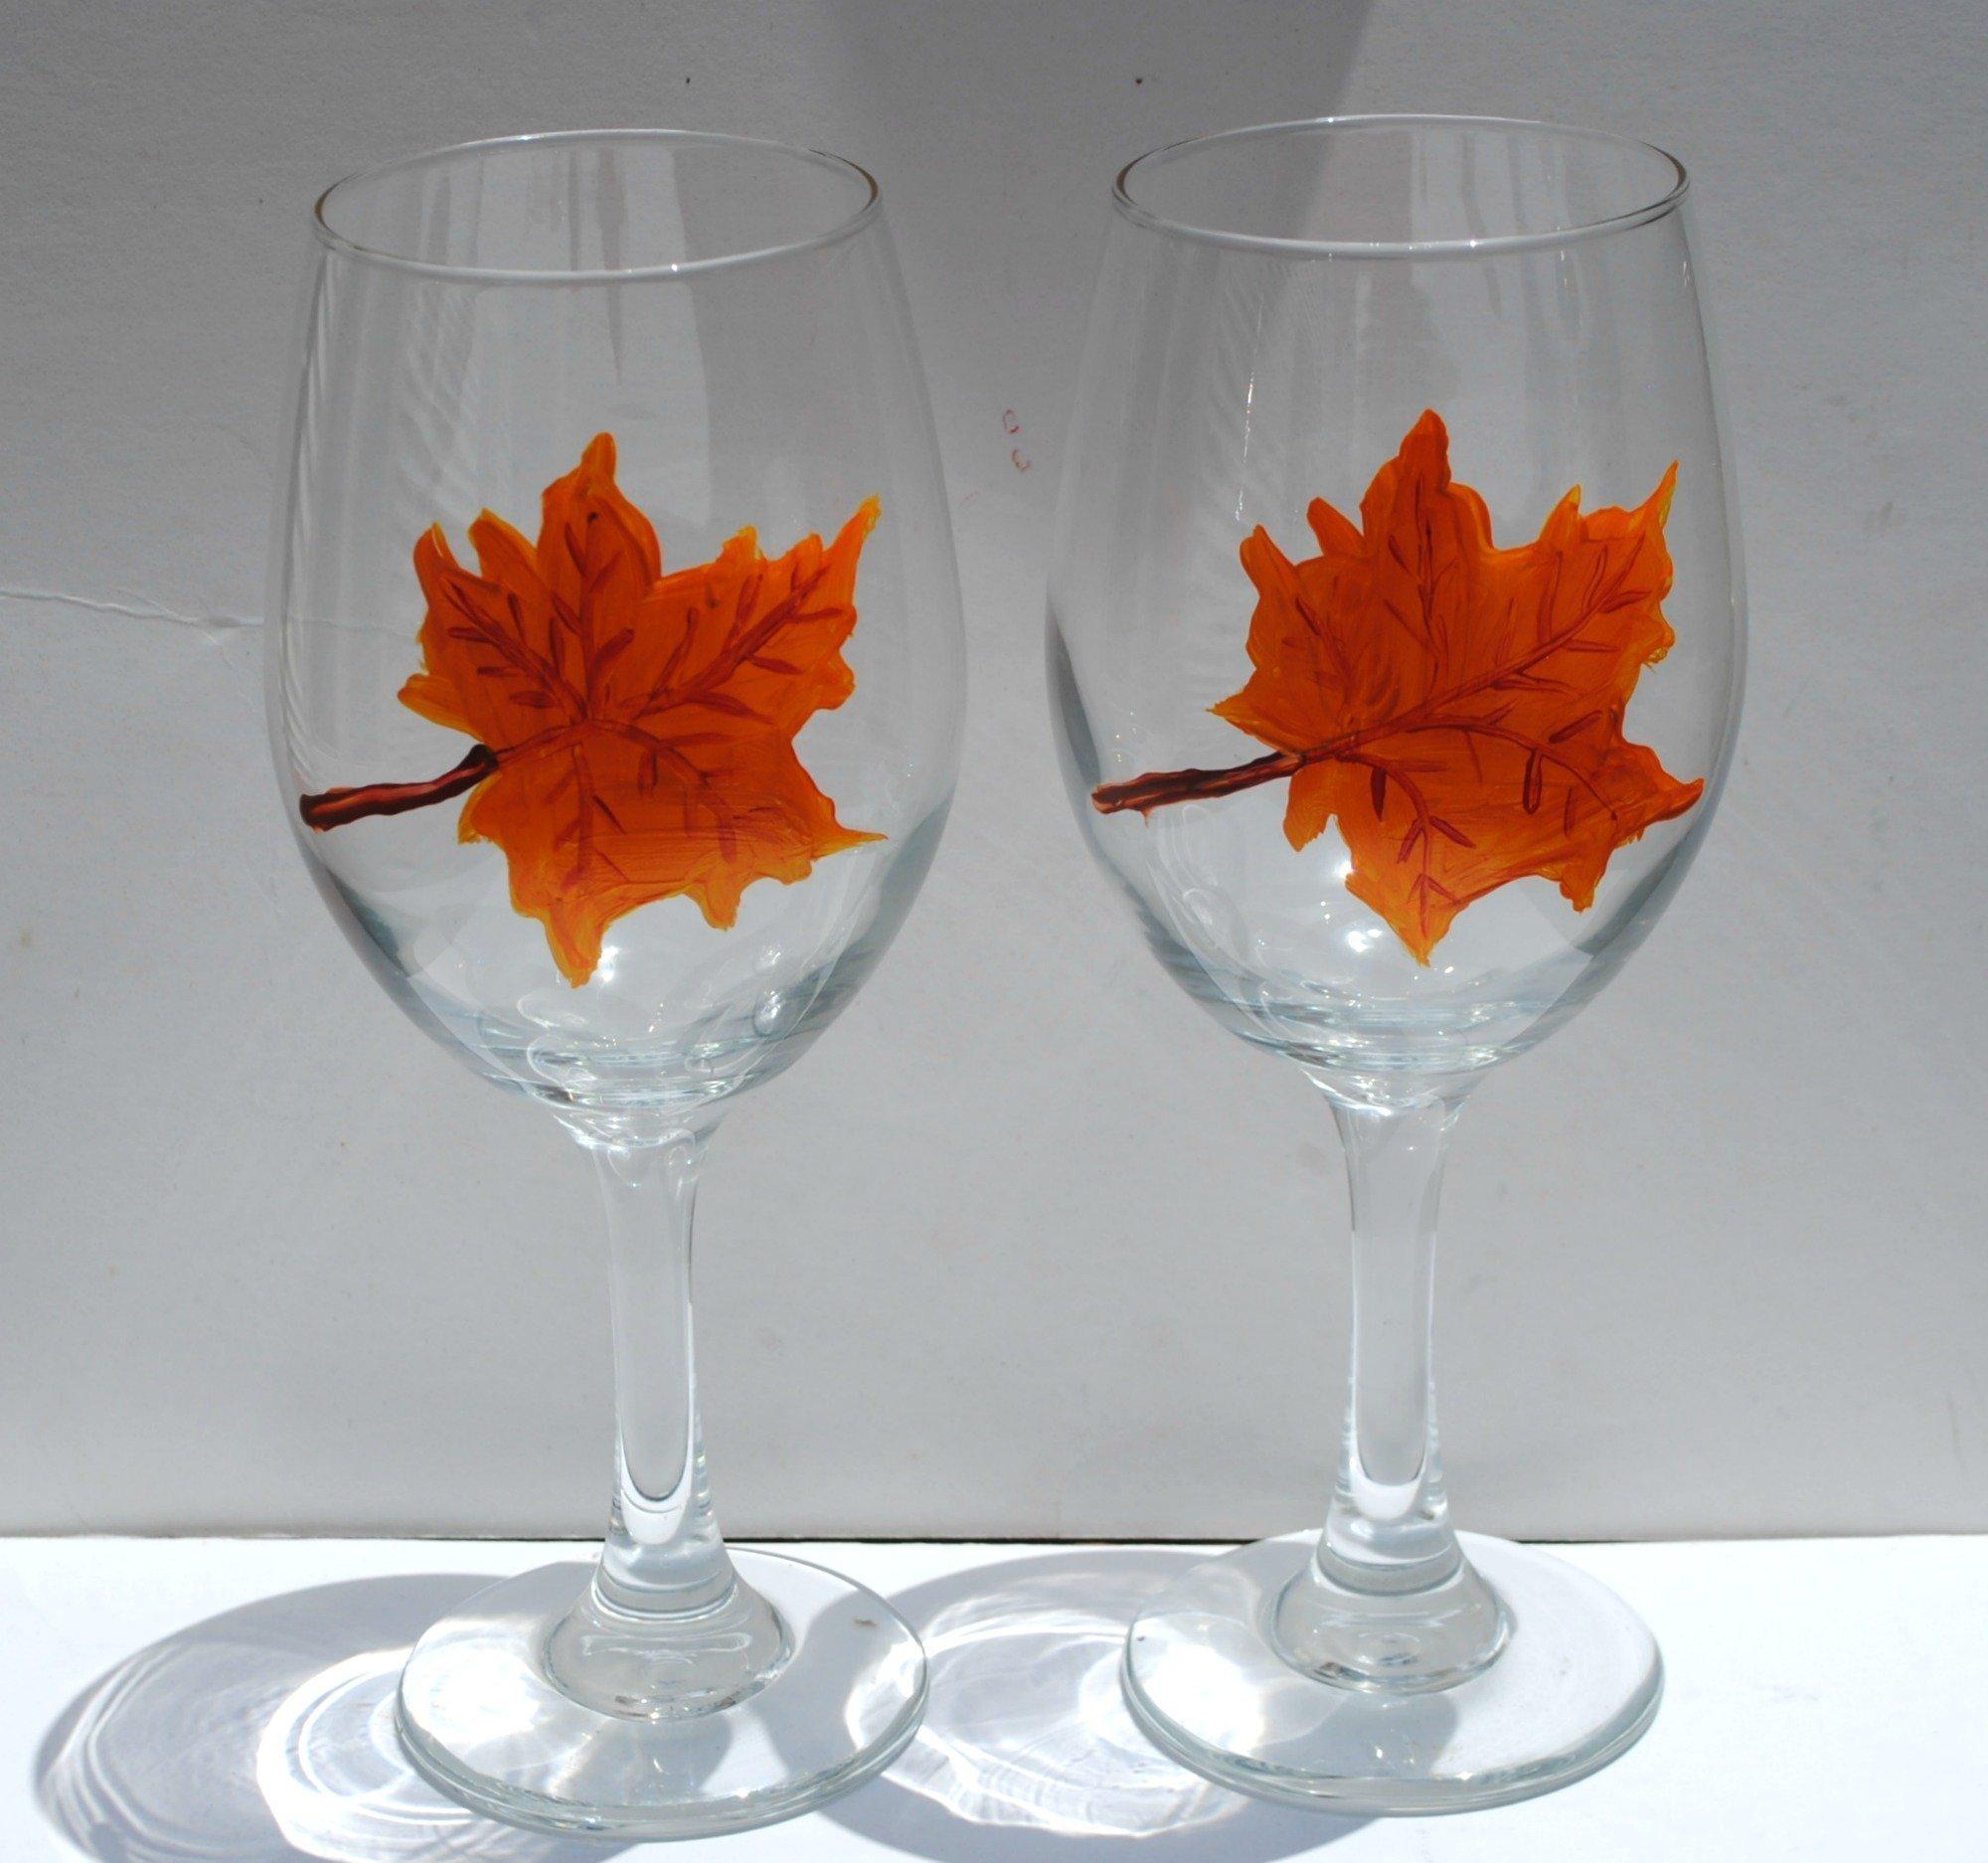 Hand Painted Orange Maple Leaf Stemmed Wine Glasses Set of 2